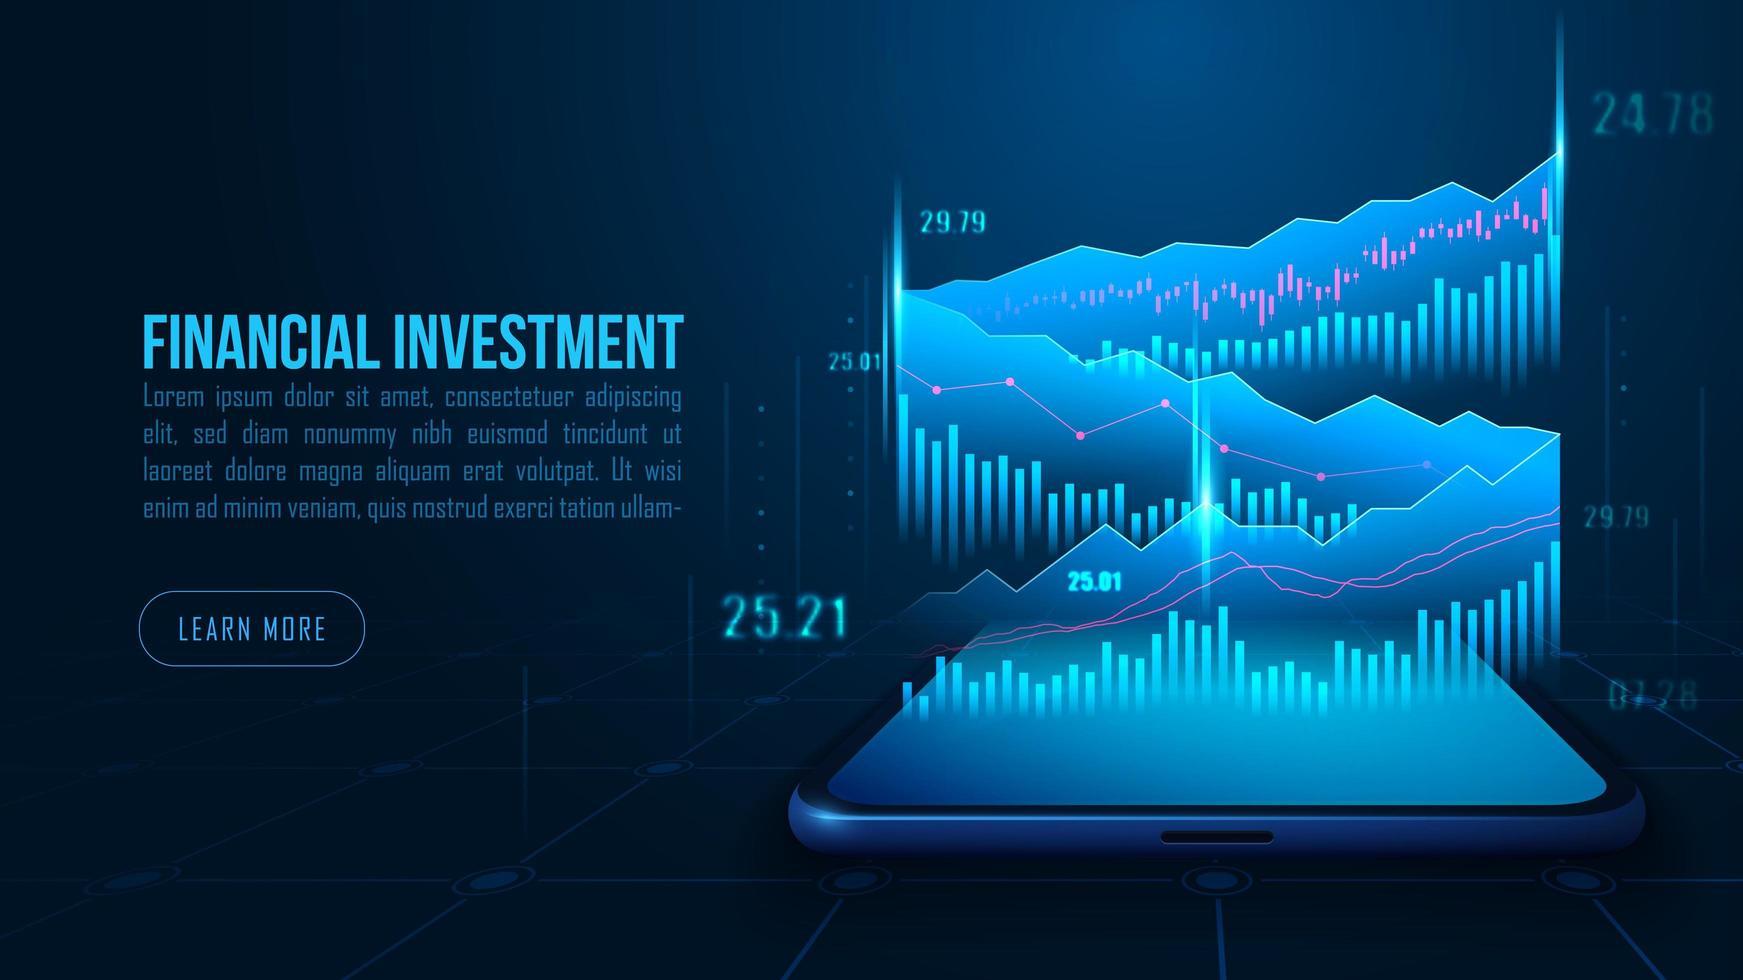 stock isometrico o grafico di trading forex su smartphone vettore